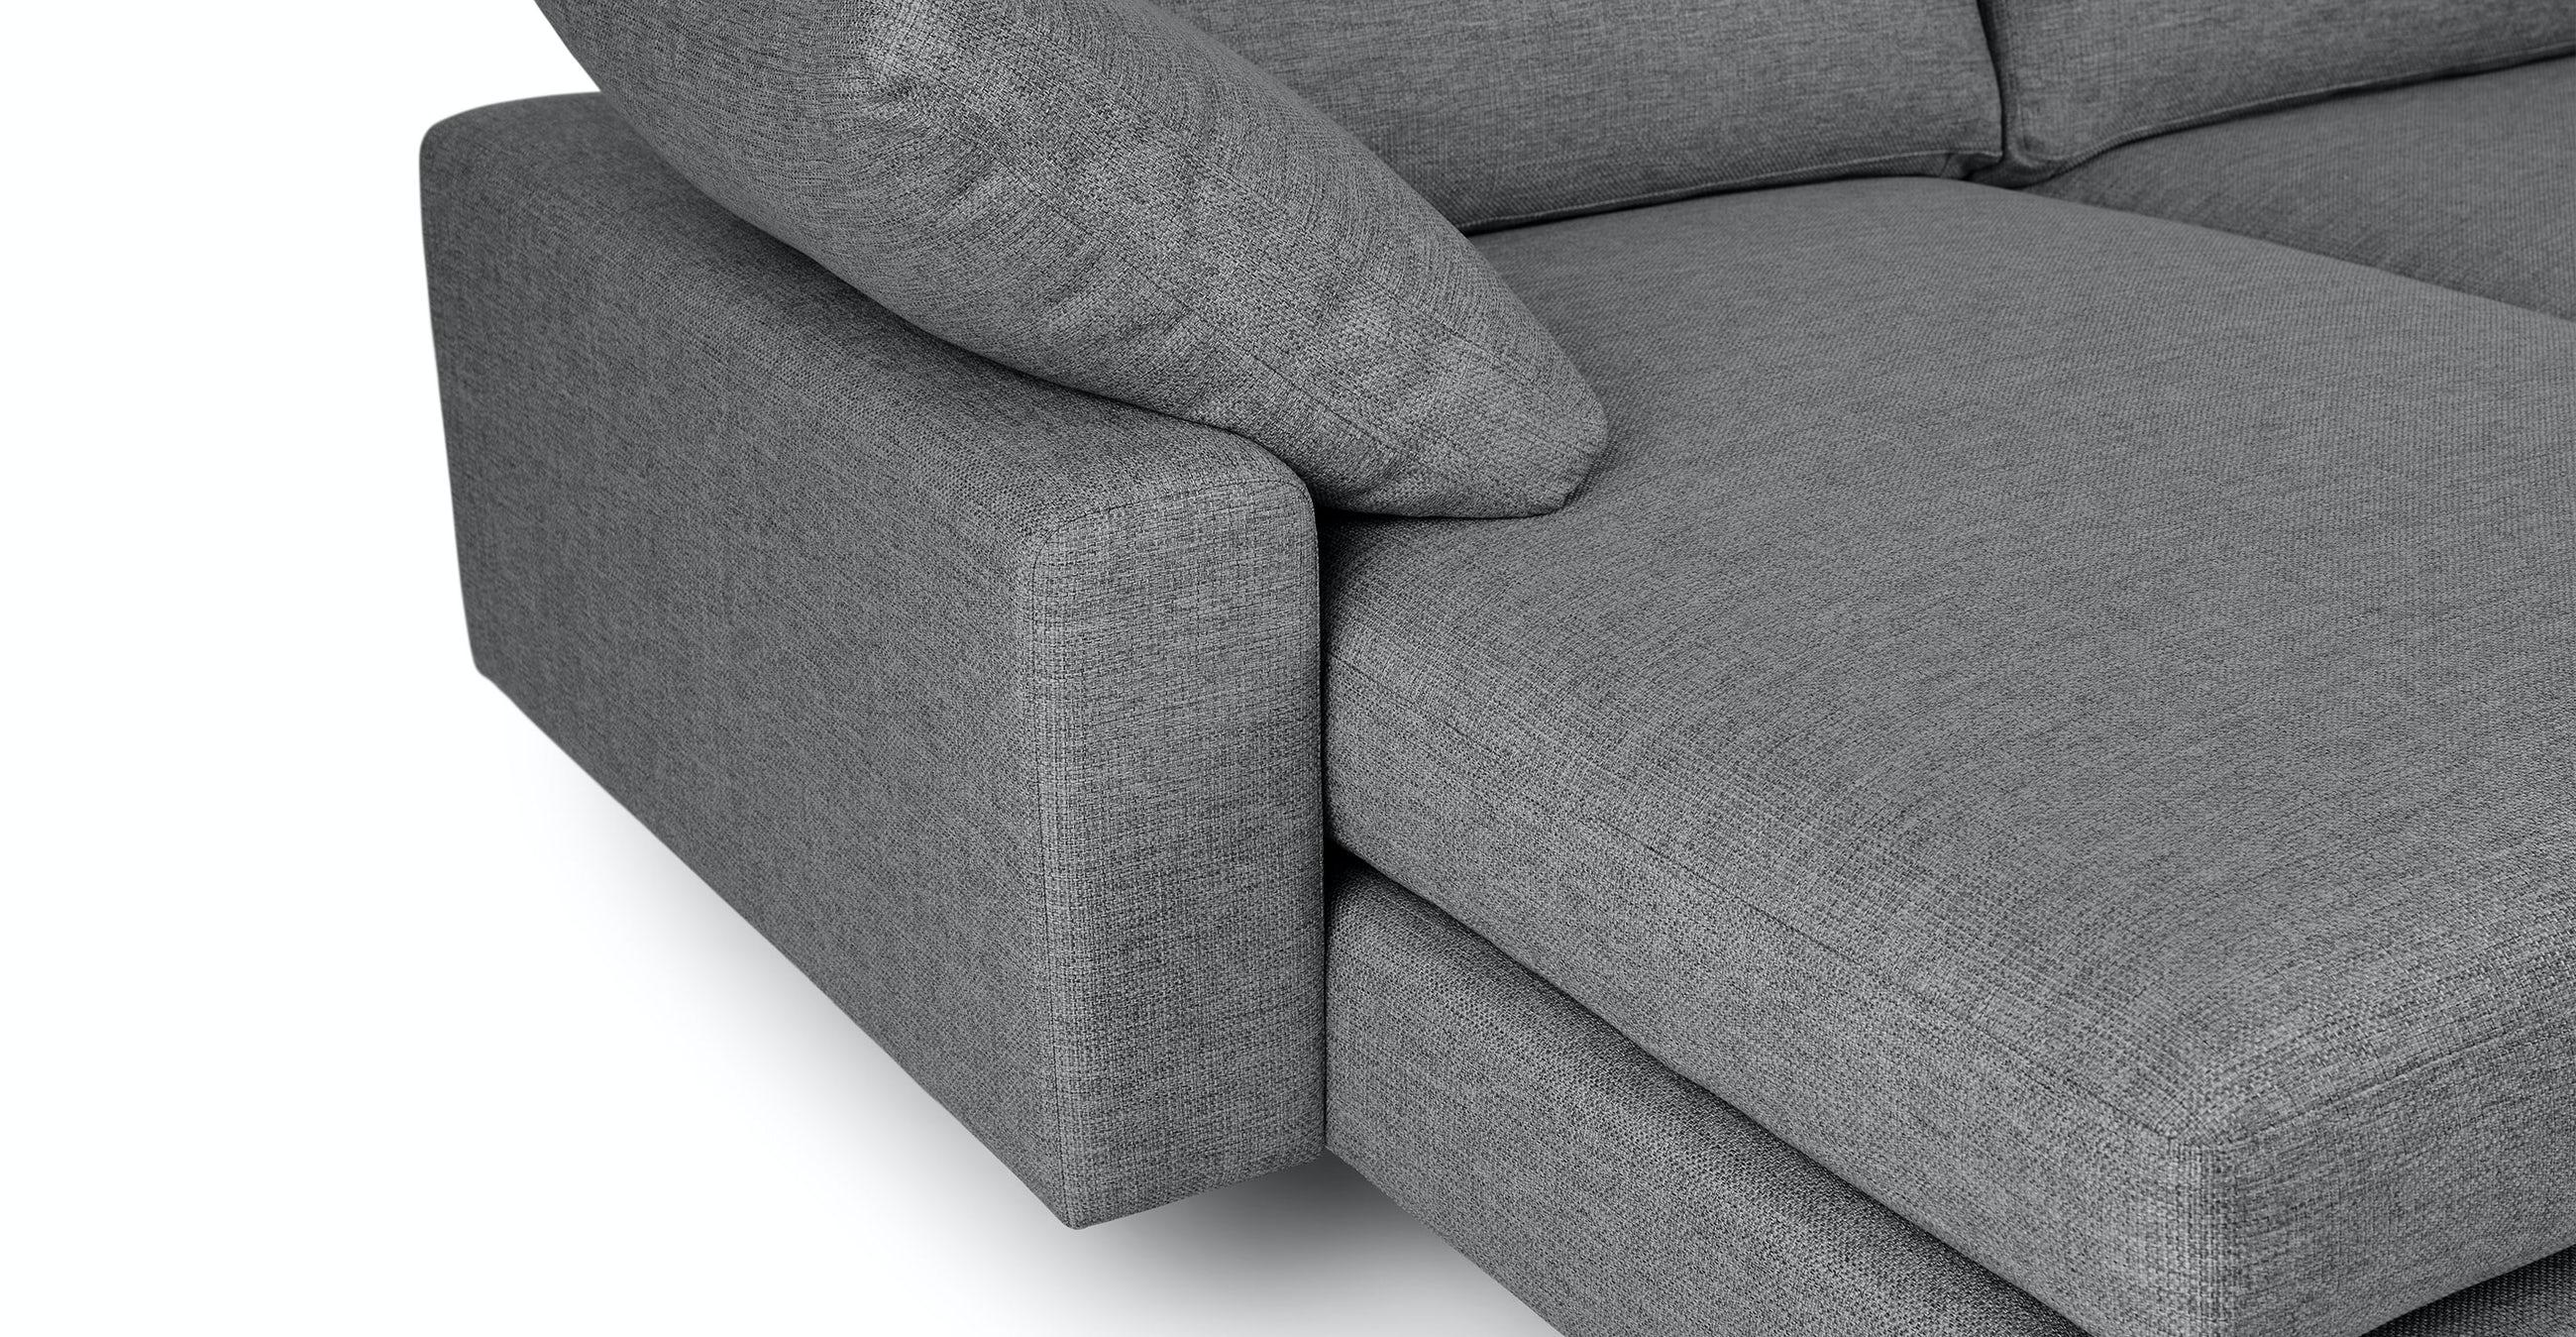 Nova Gravel Gray Reversible Sectional